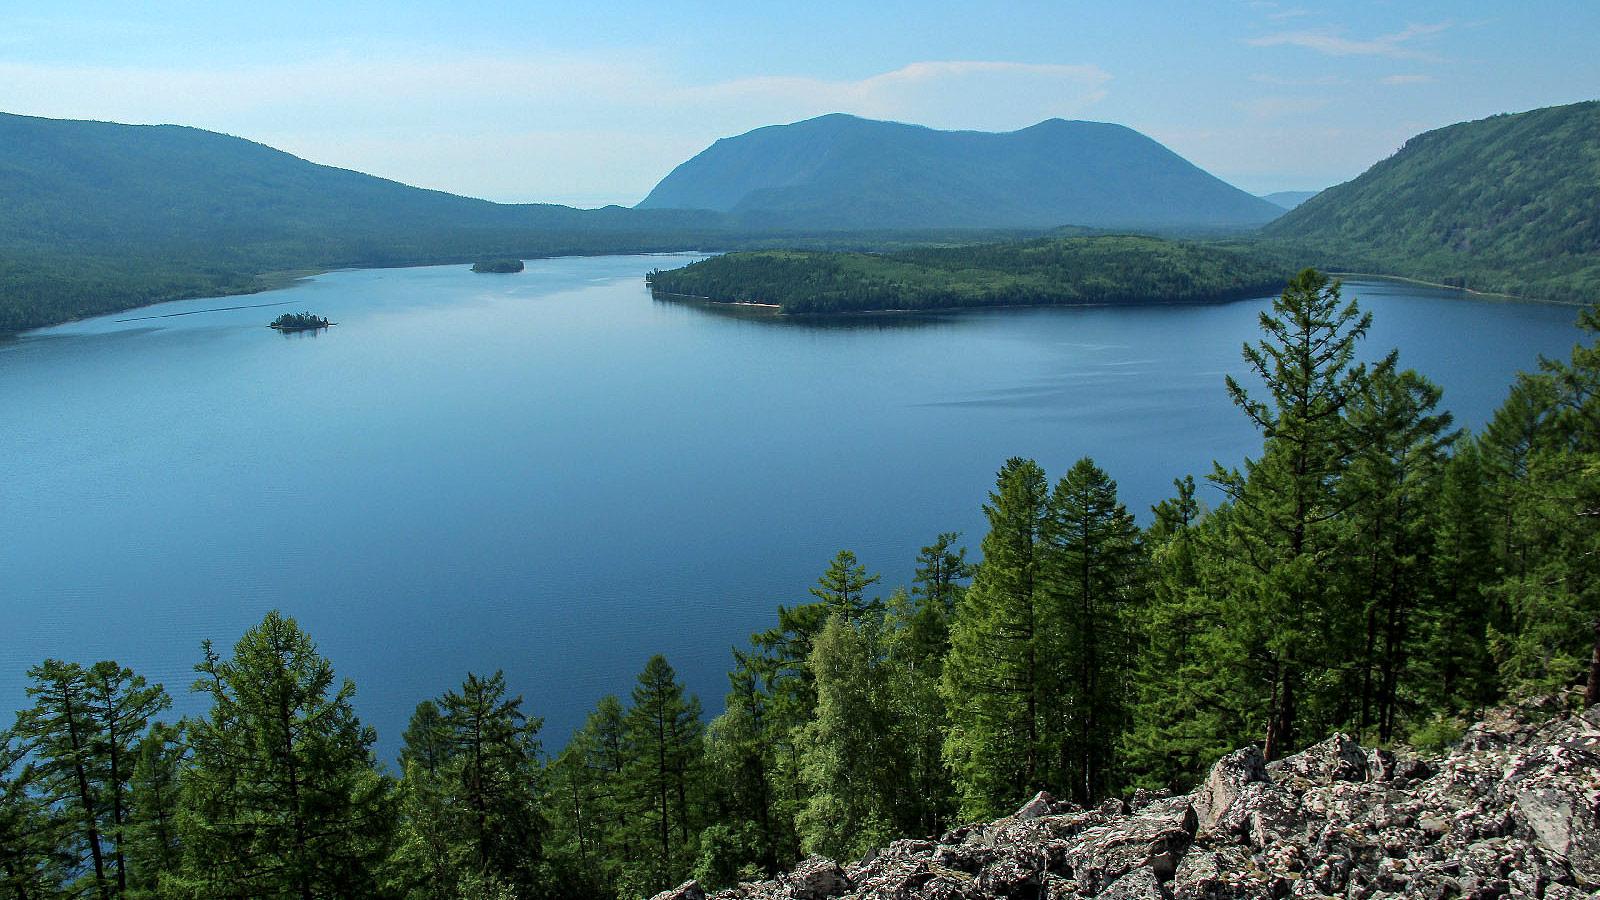 Разработка проекта границ охранной зоны Байкала